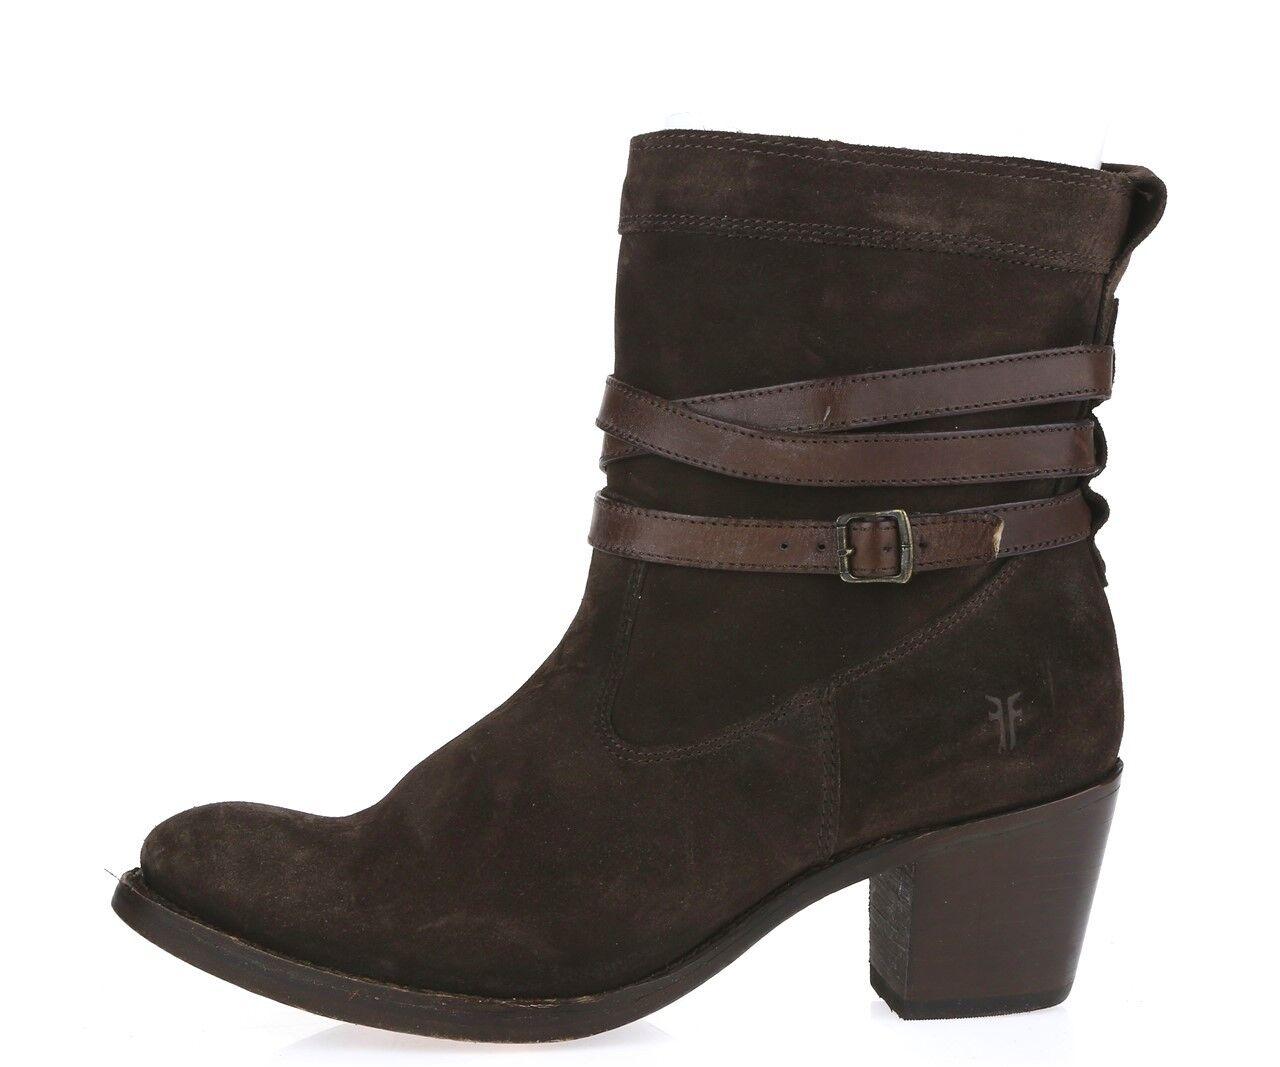 Para mujer Frye Frye Frye Ante Marrón Oscuro Corto botas Sz. 10  358  la mejor selección de